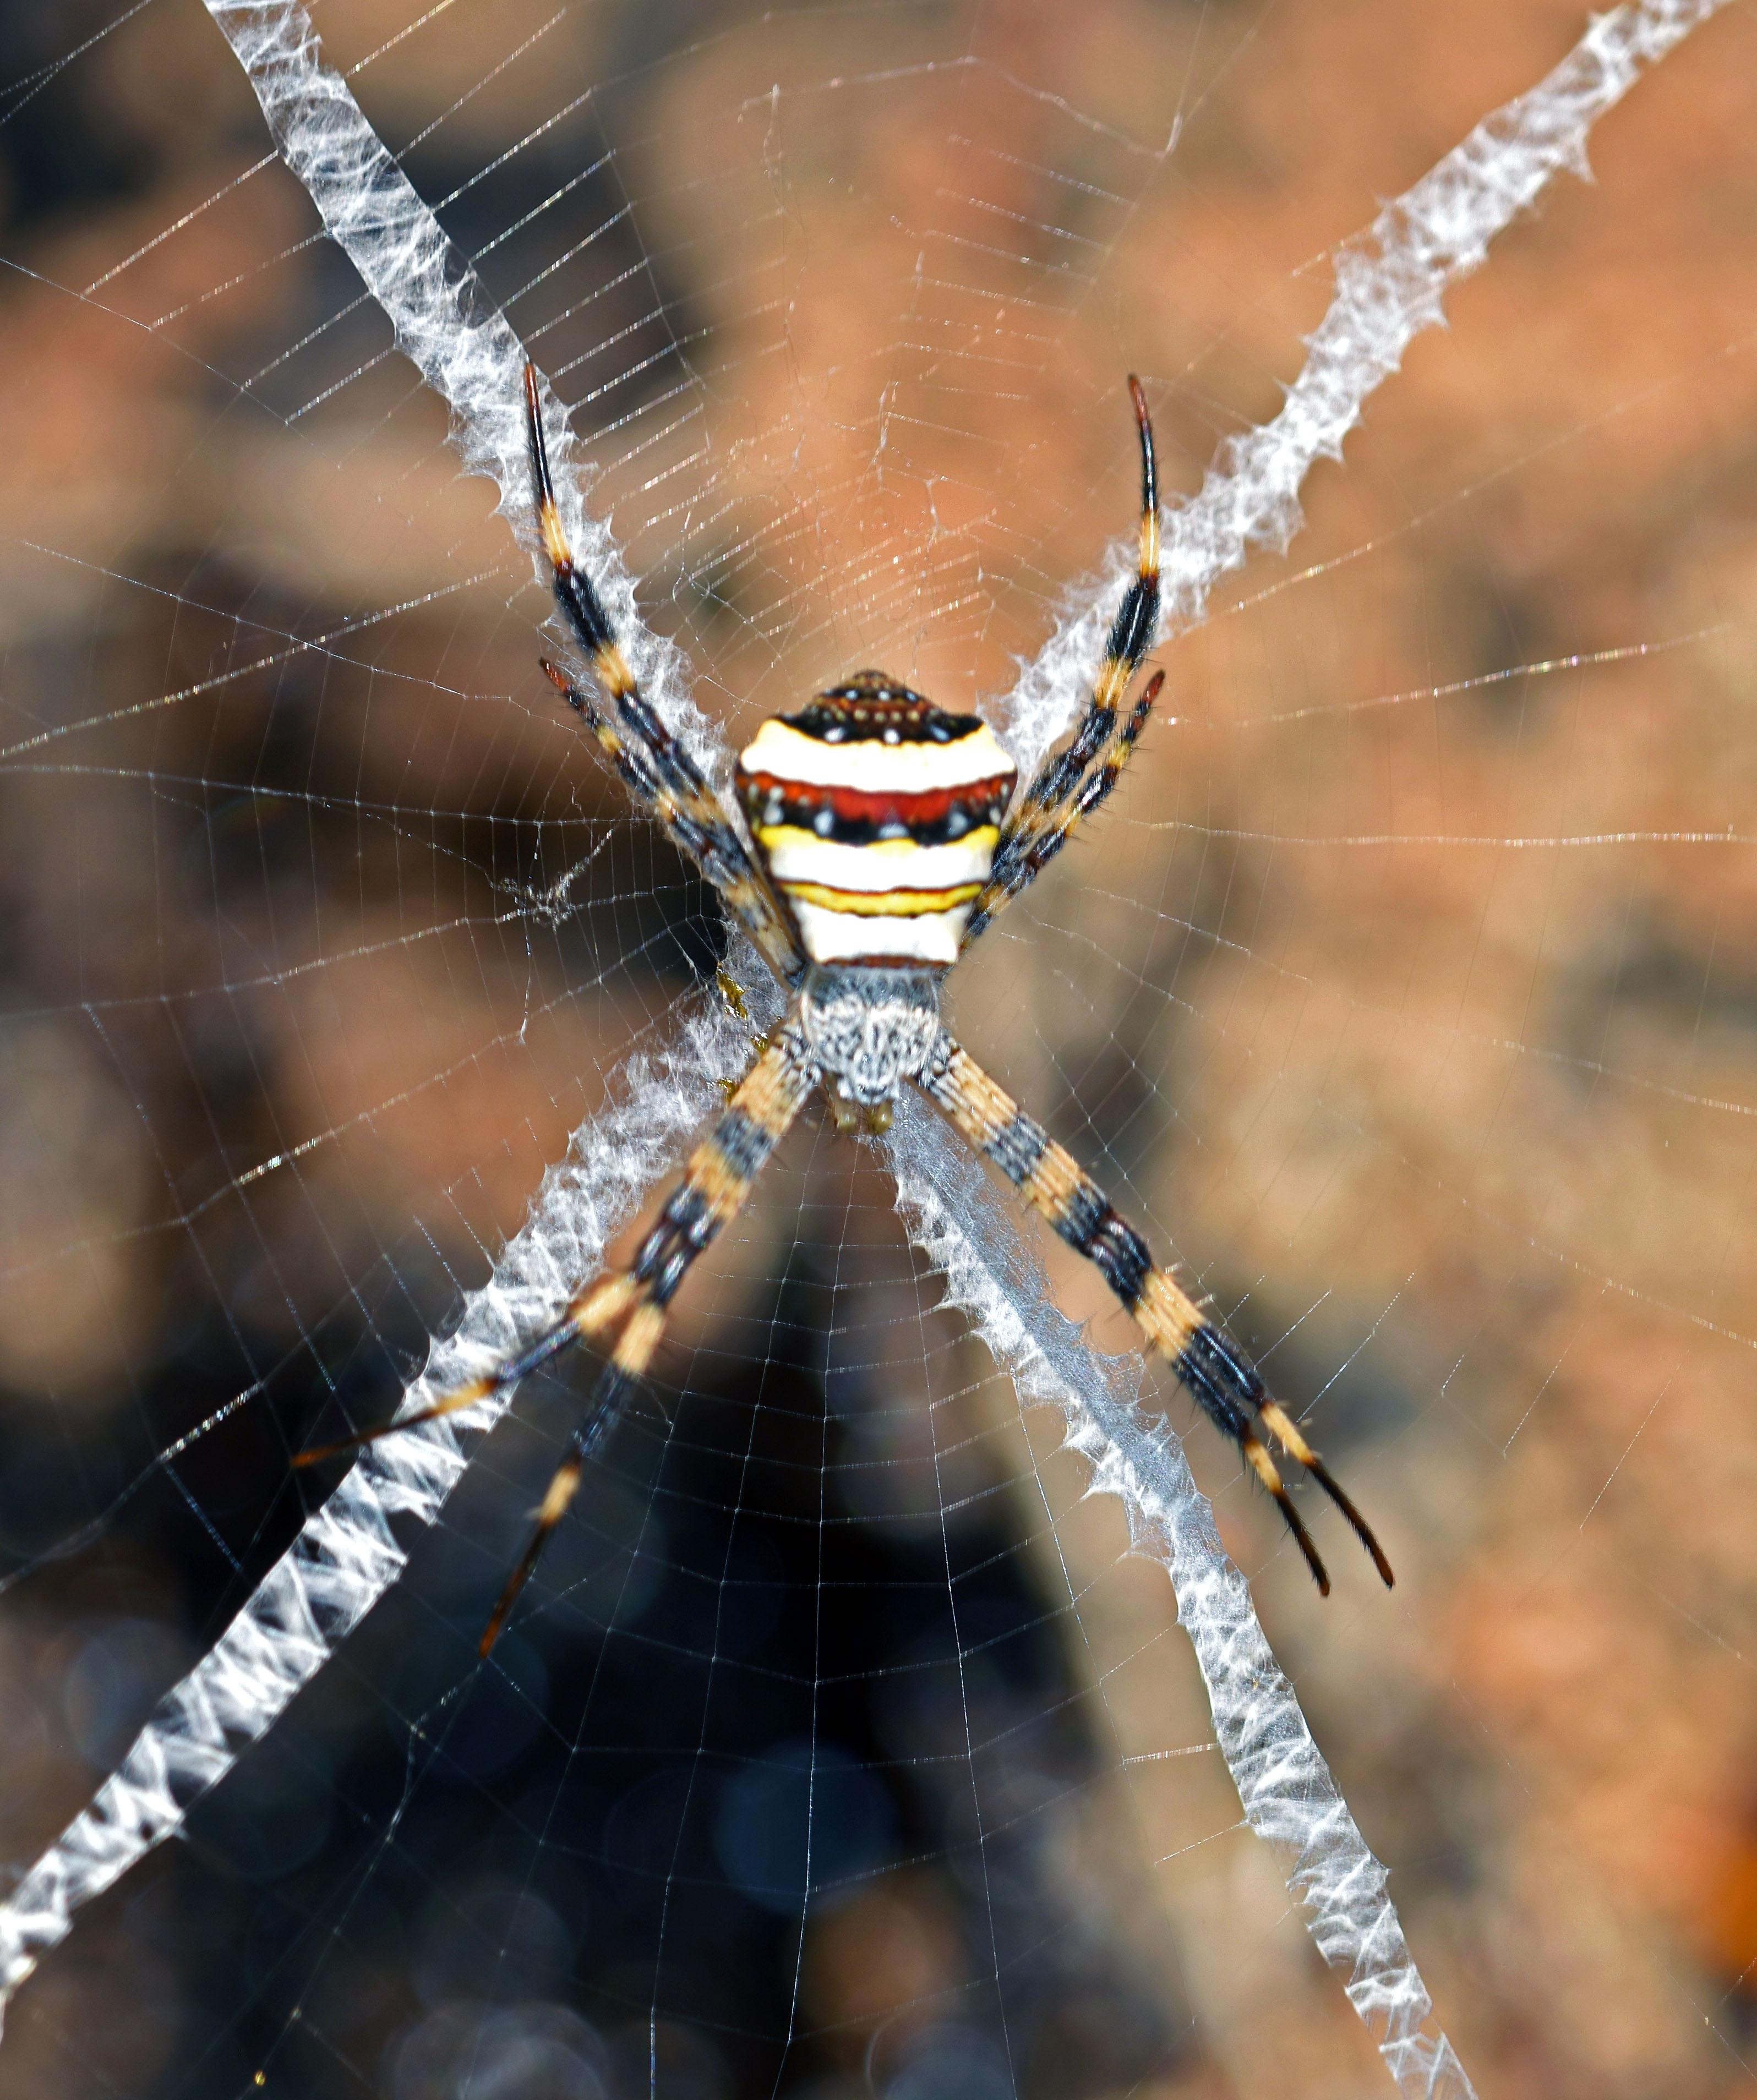 Spider Web Halloween Decorations: Stabilmenta: Spider's Web Decorations